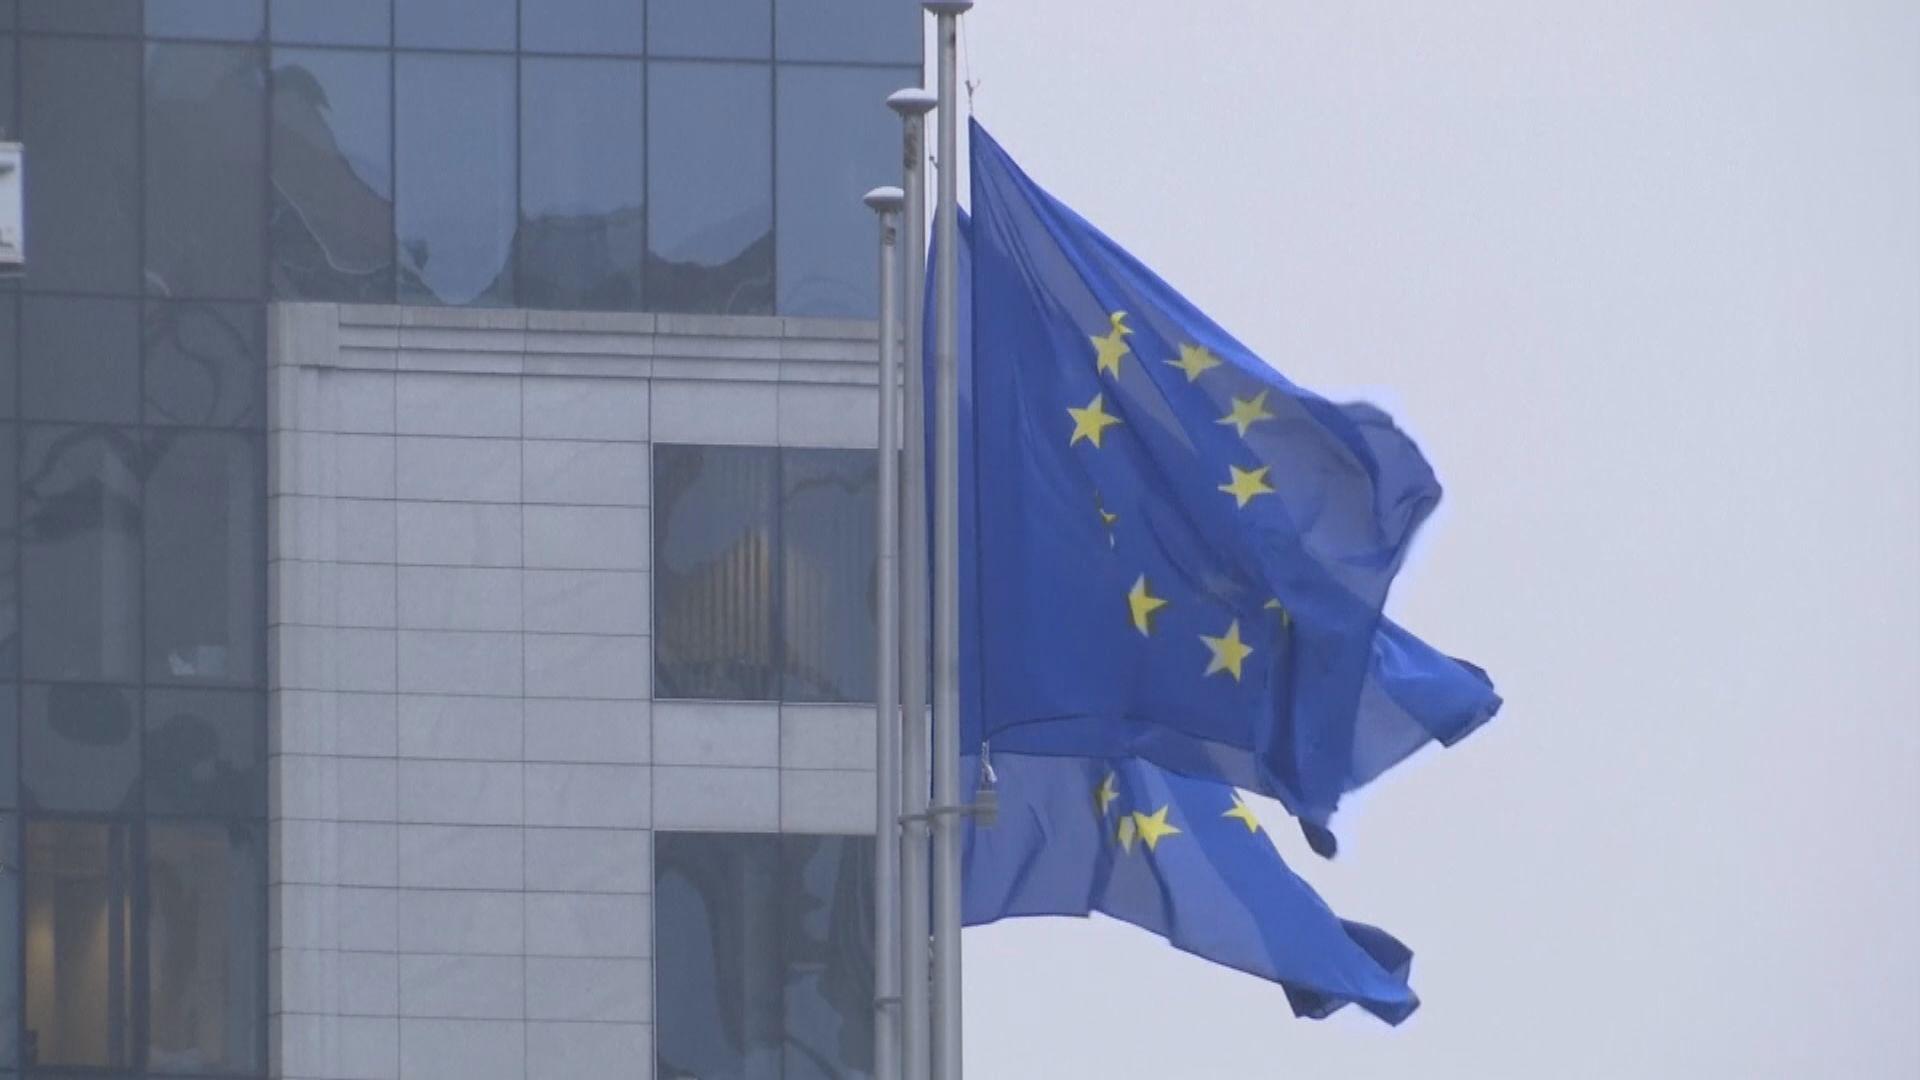 歐盟推遲數碼稅計劃 專注全球最低企業稅稅率協議